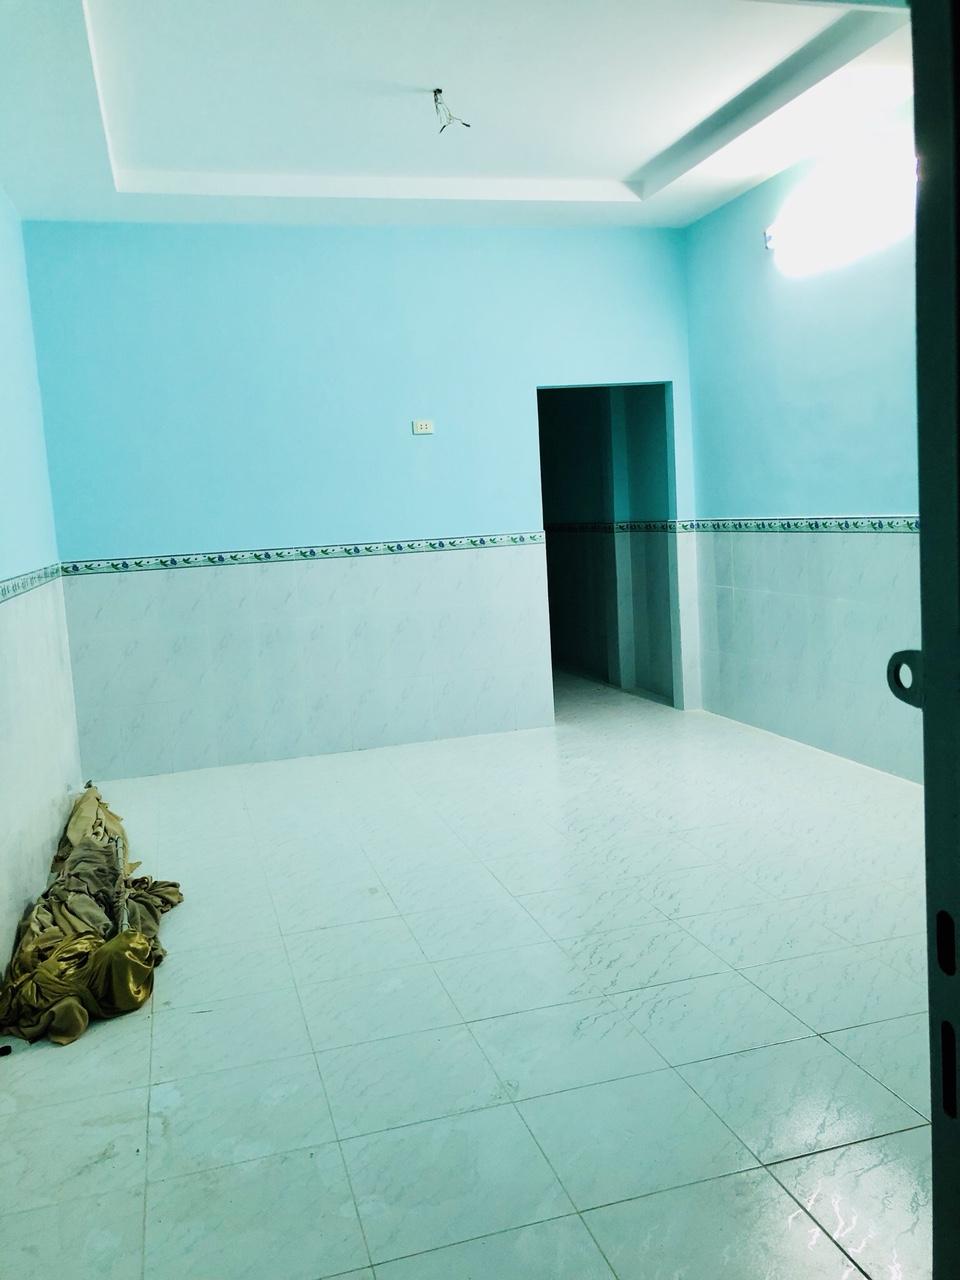 Bán nhà cấp 4 hẻm 176 Quốc Lộ 13 Thủ Đức, diện tích 116 m2, giá 4,6 tỷ.5